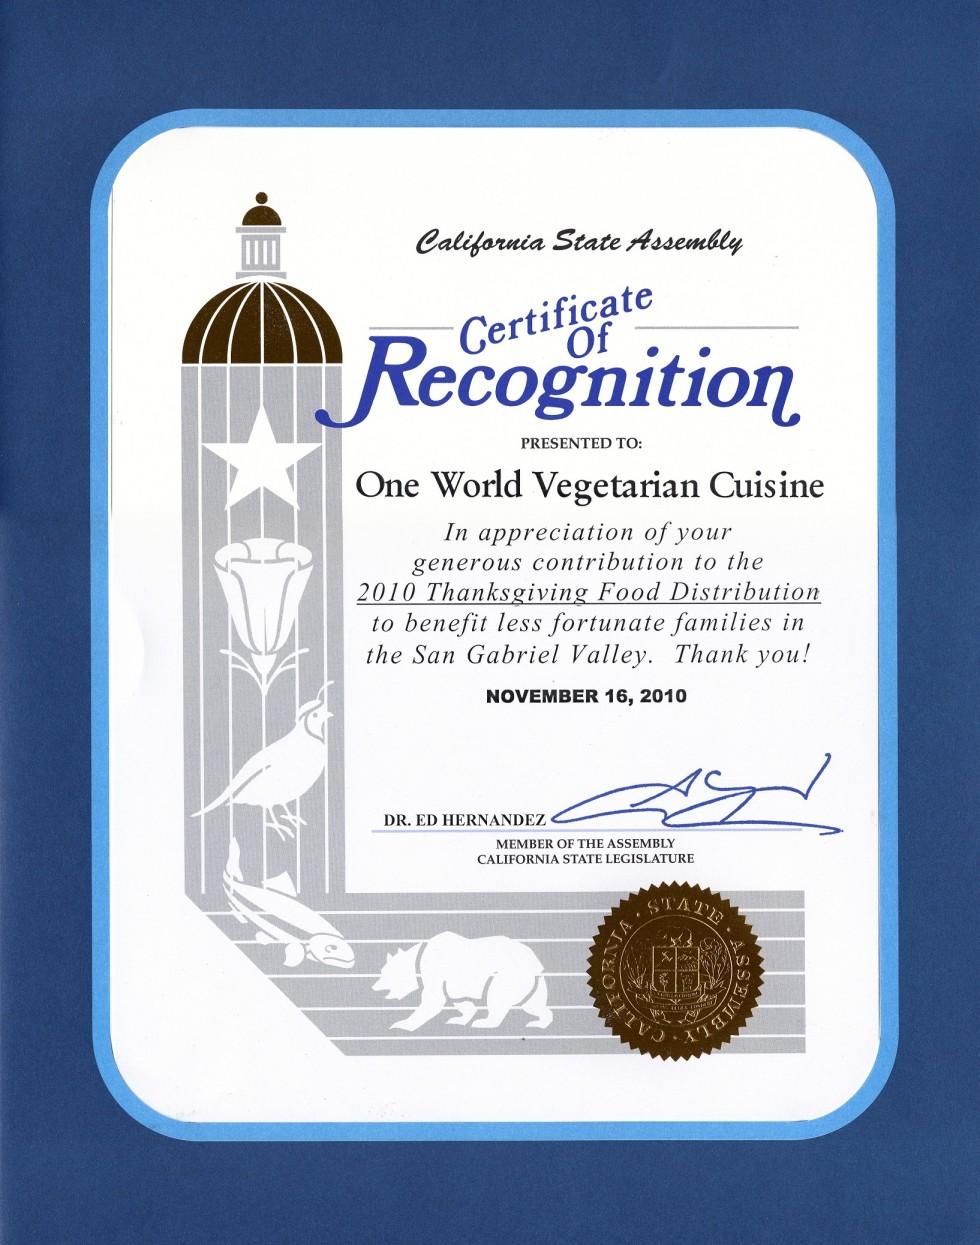 california legislature certificate of recognition